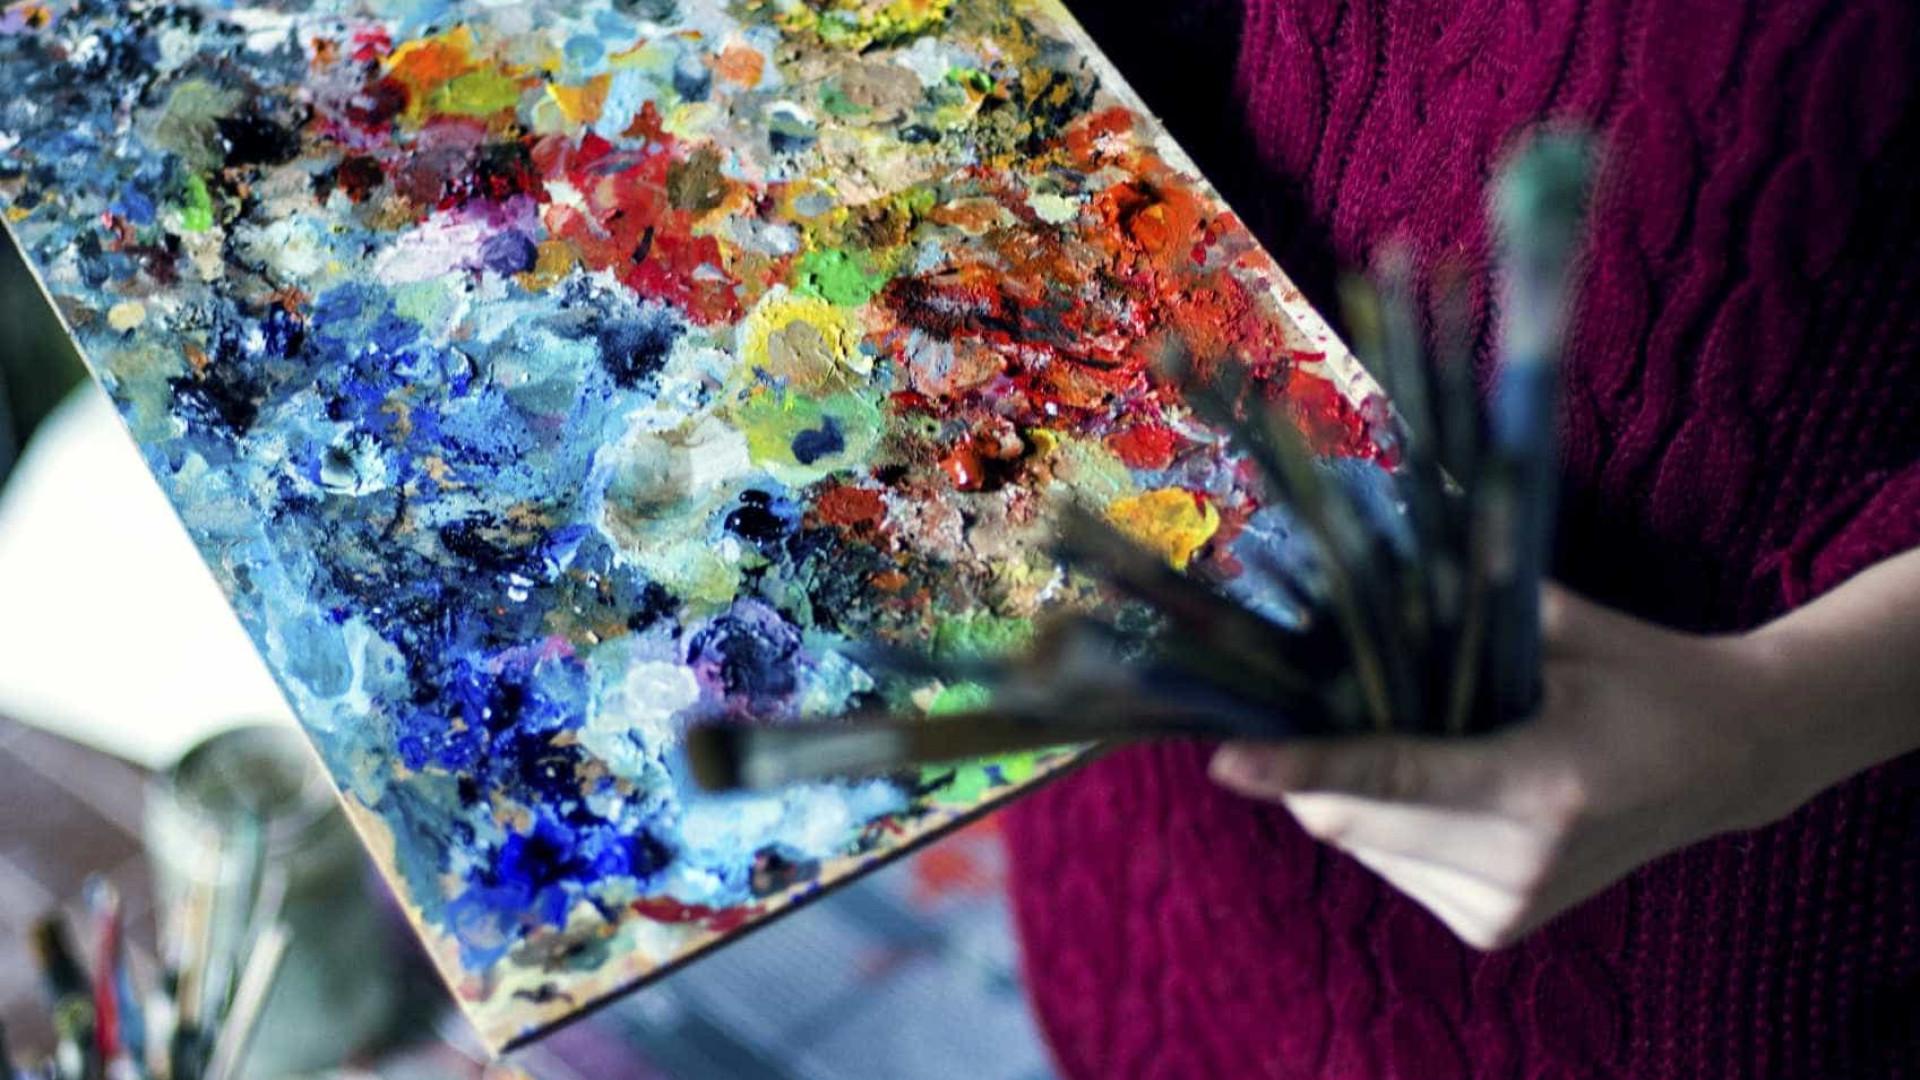 Galeria virtual disponibiliza orçamentos para obras de arte a pedido